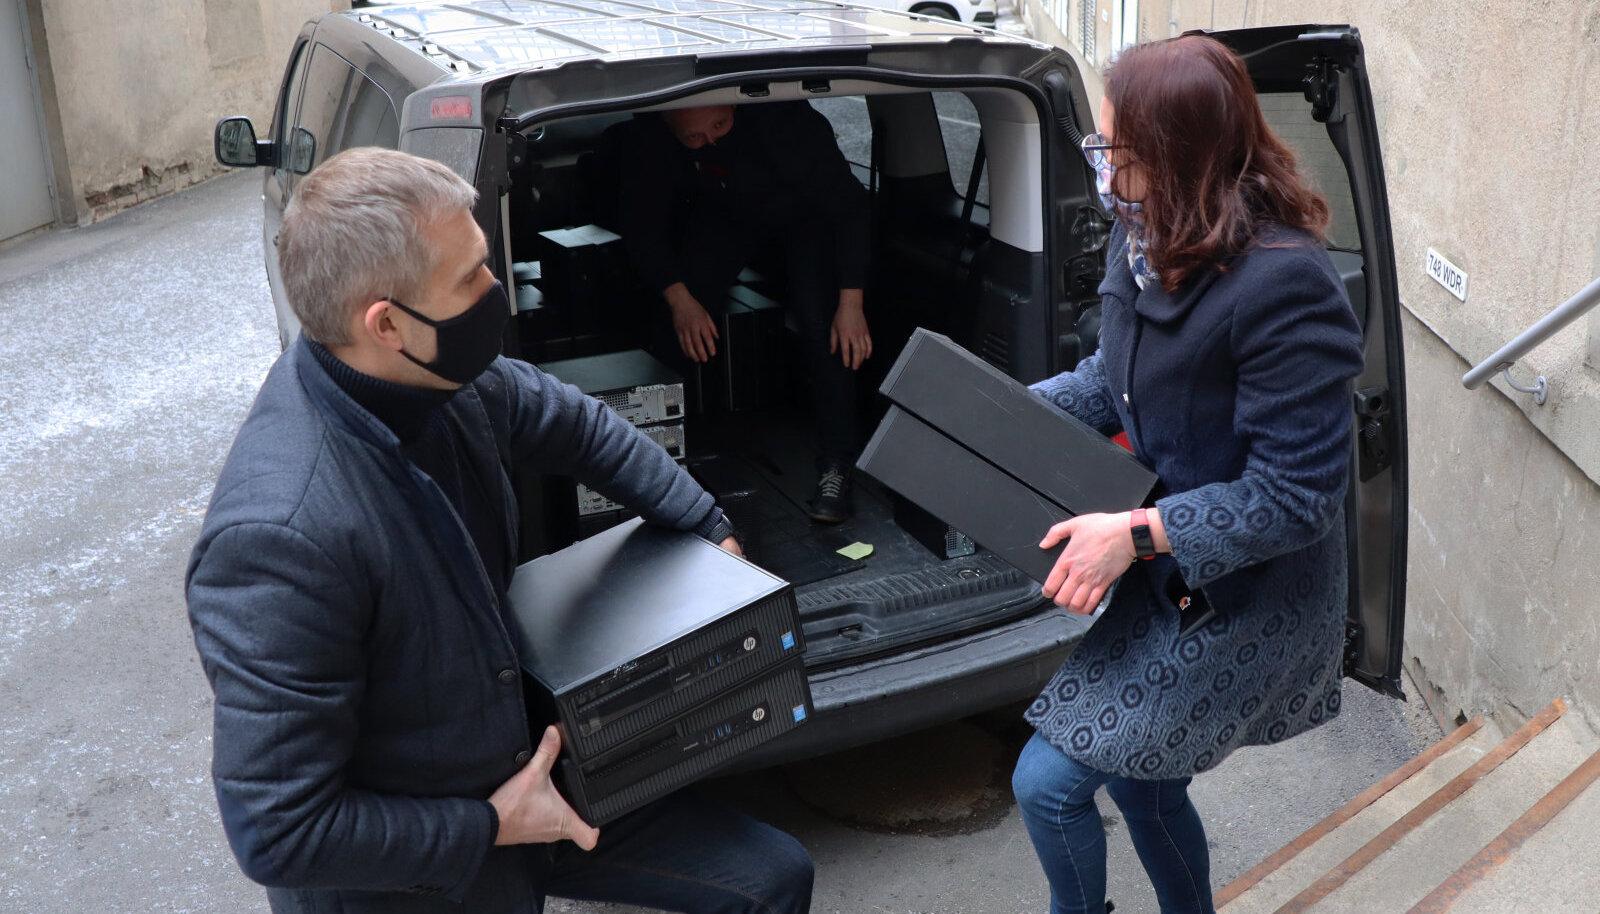 Член правления Coop Pank Хейкко Мяэ передал проектному менеджеру Союза защиты детей Аннике Сильде 52 настольных компьютера, которые уже совсем скоро окажутся у нарвских школьников.